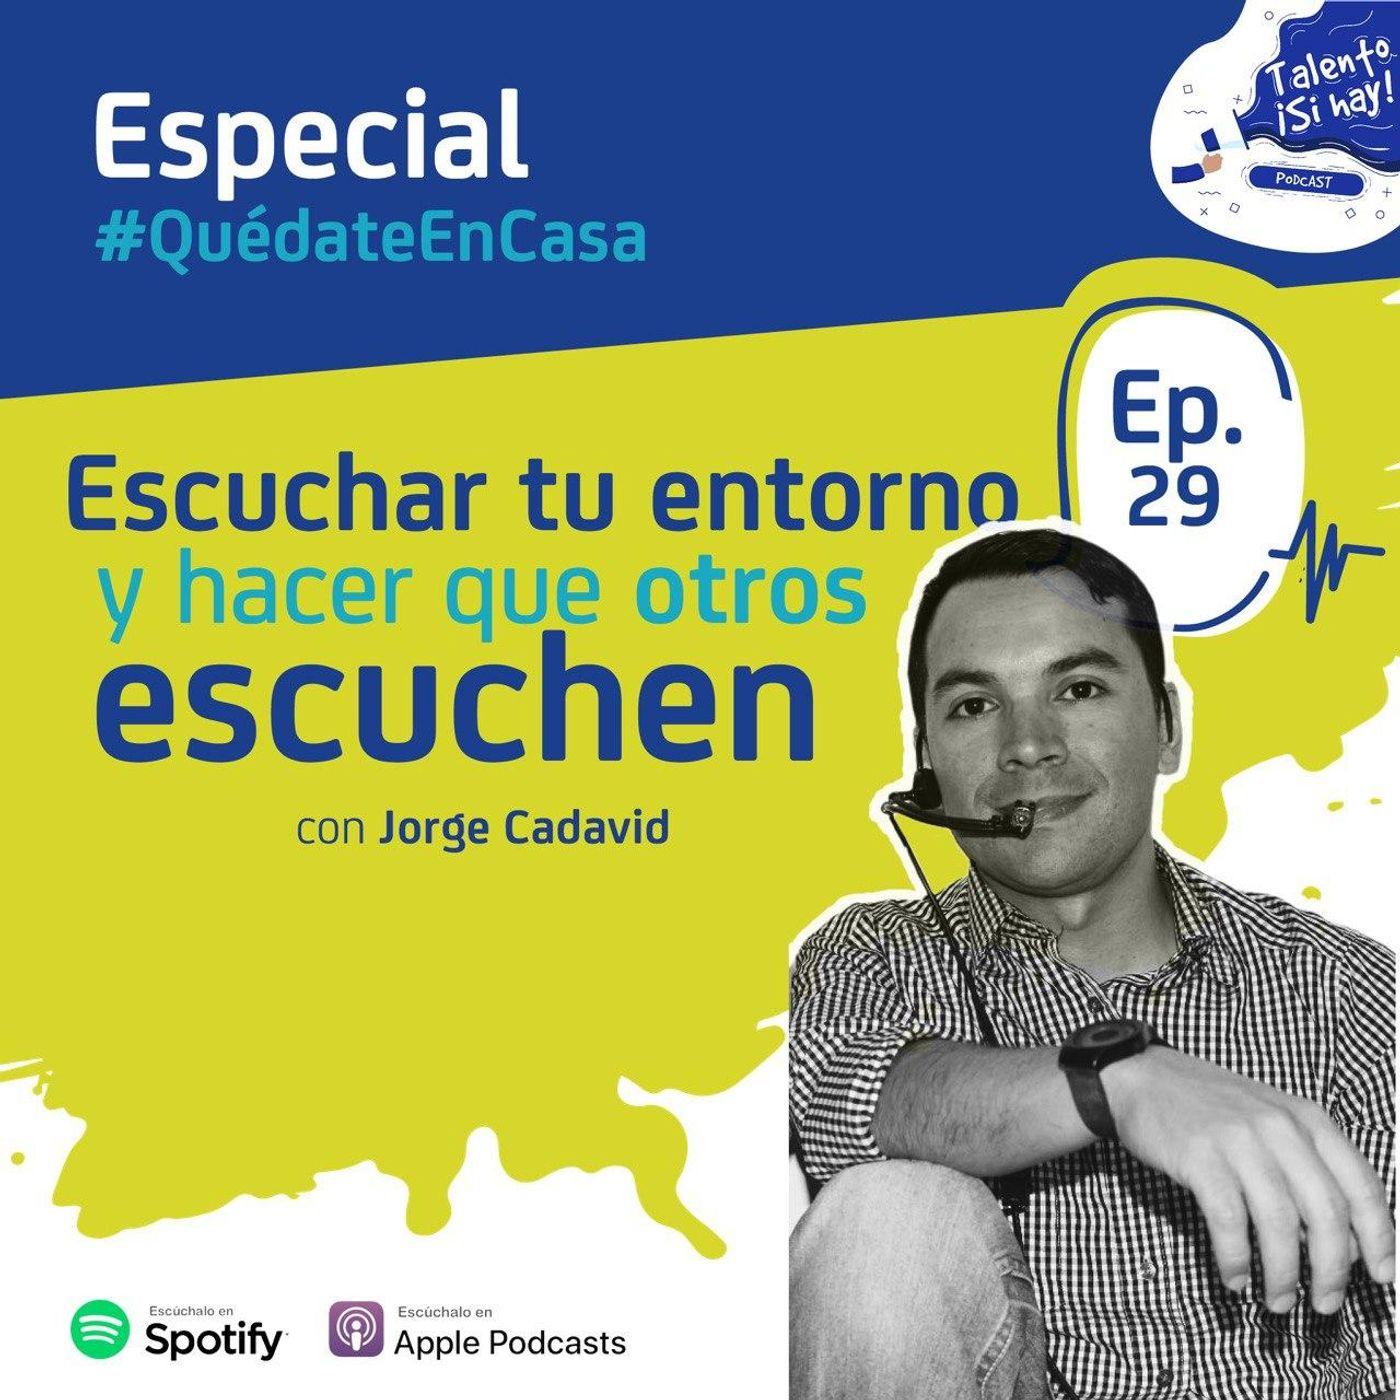 EP 29: Escuchar tu entorno y hacer que otros escuchen con Jorge Cadavid #QuédateEnCasa